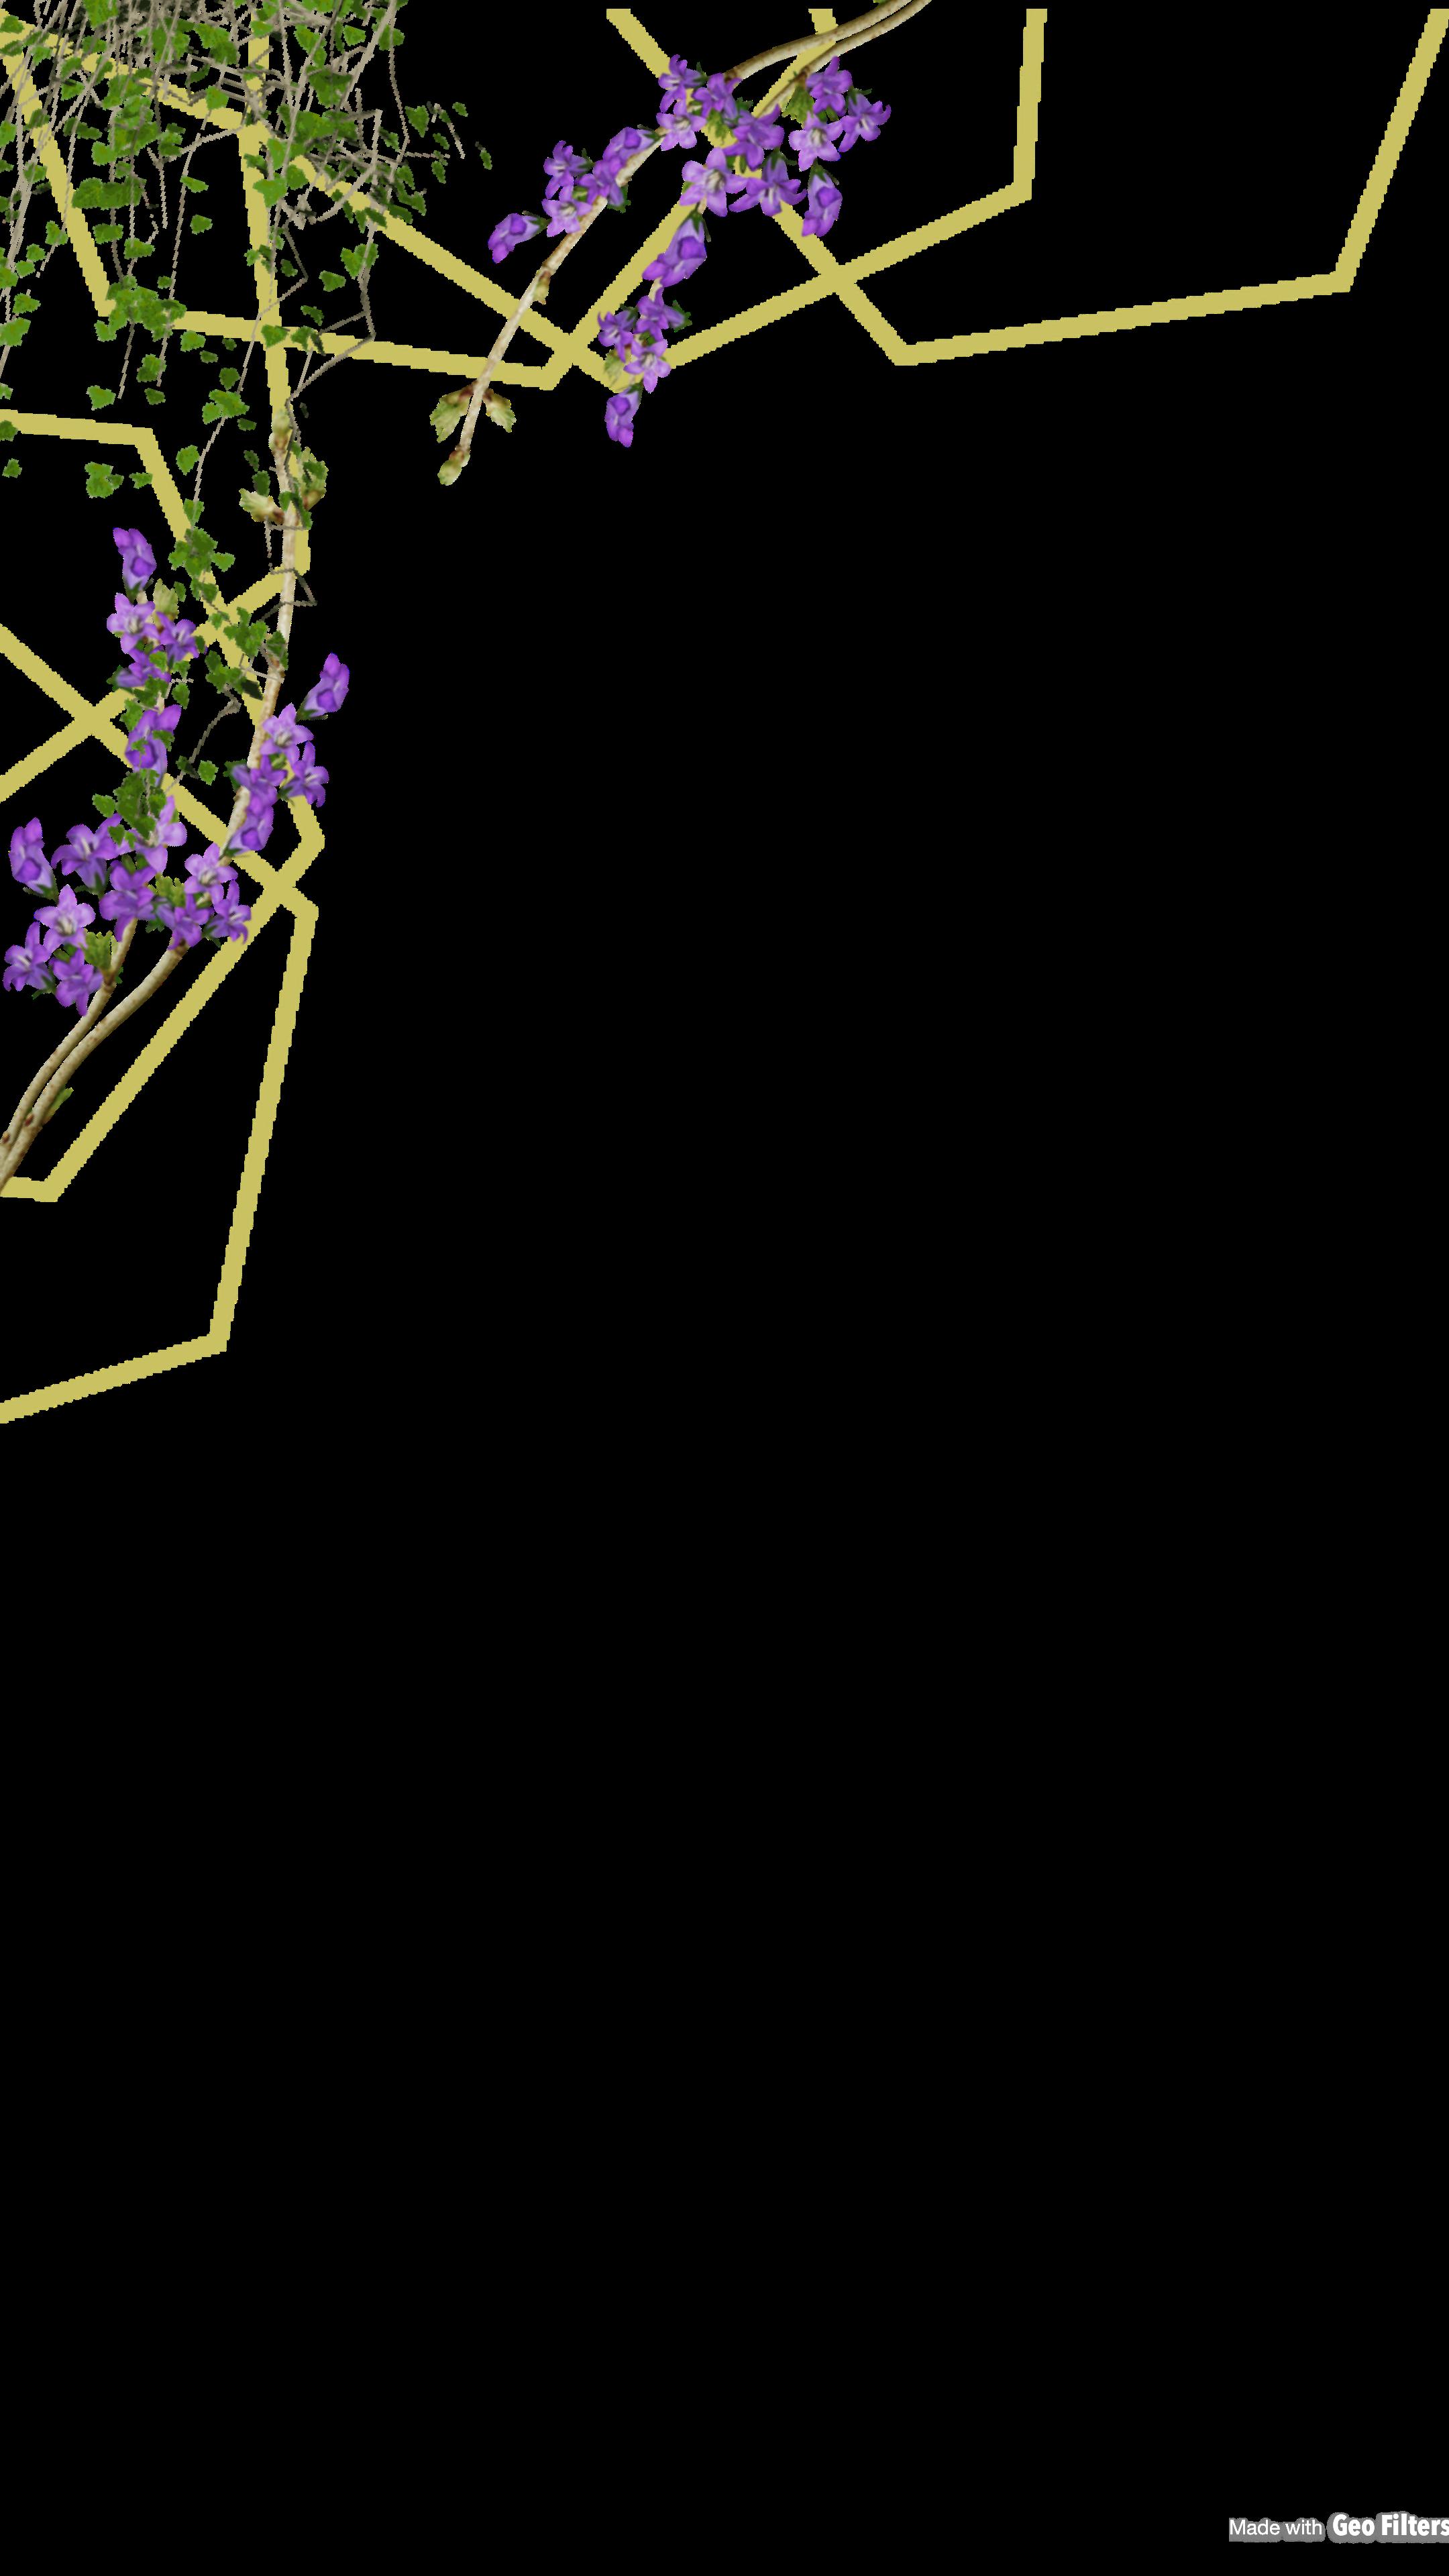 فلتر من تصميمي Wallpaper Backgrounds Flower Frame Background Pictures